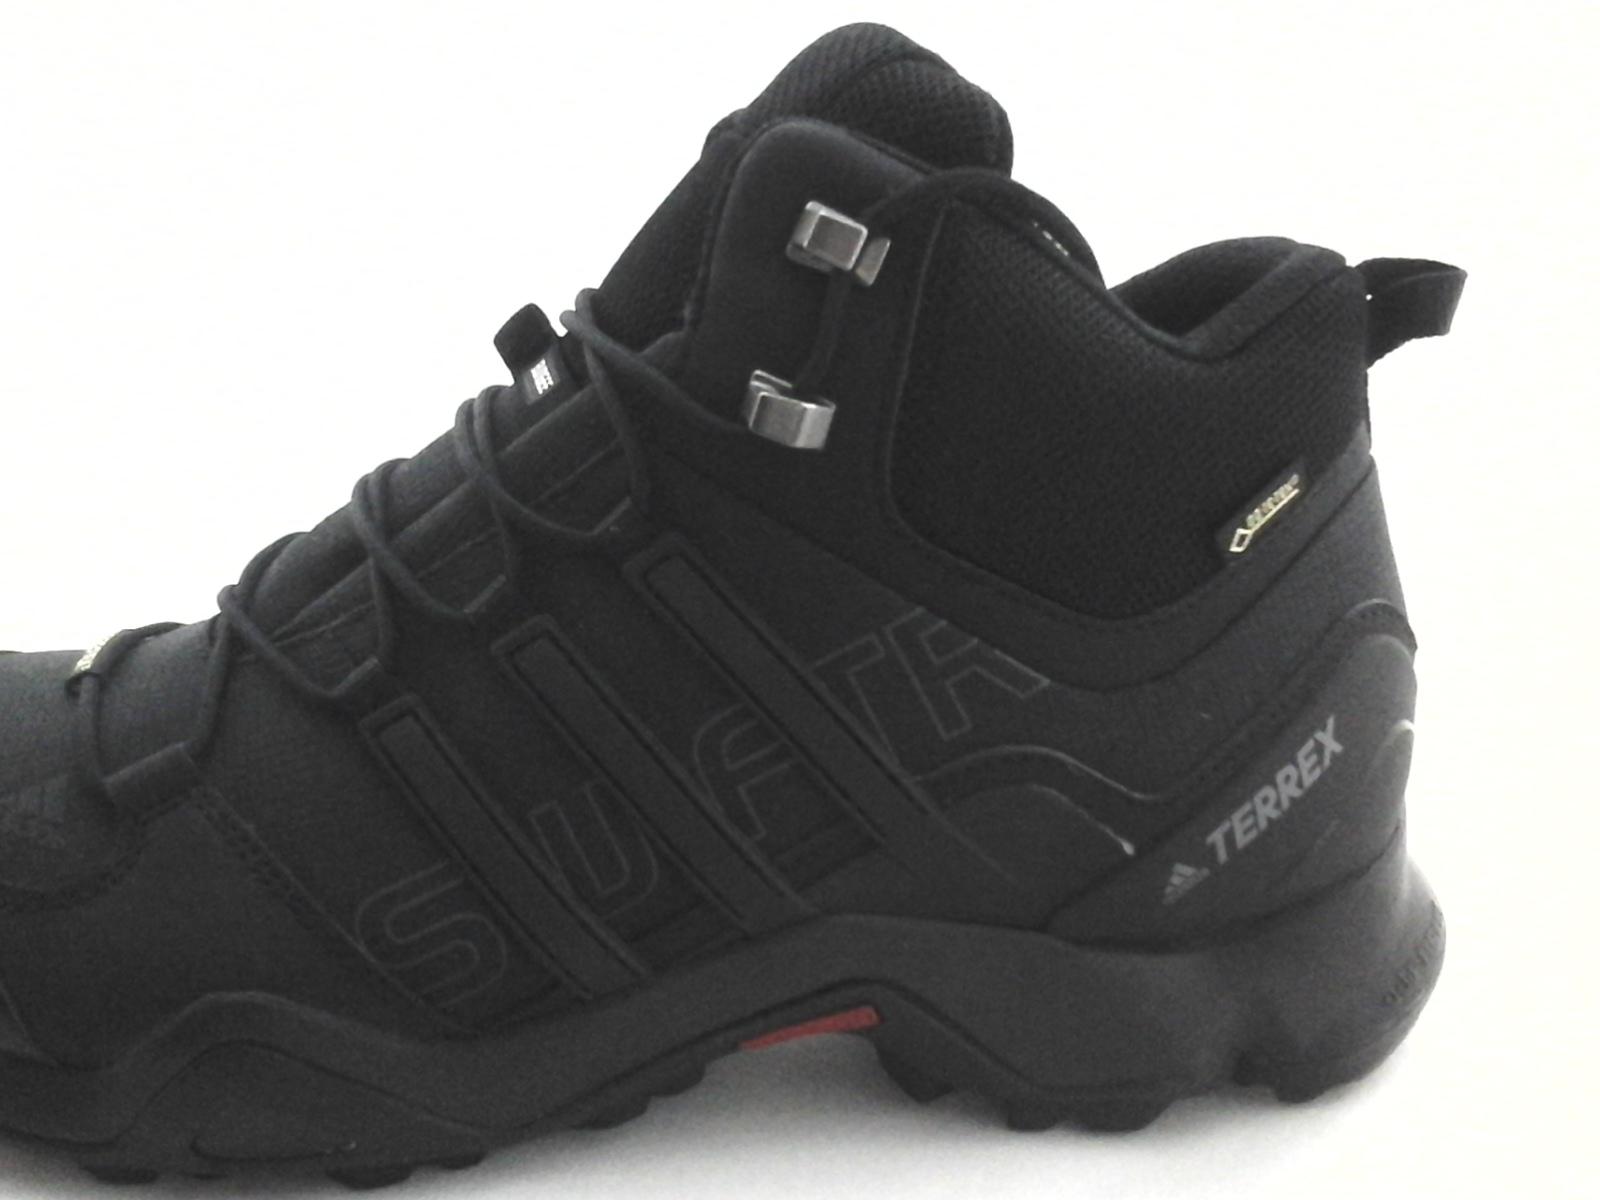 38d79b5b284 Adidas TERREX Hiking Boots Swift R Mid Black Gore-tex BB4638 US 11 EU 45  1 3 New